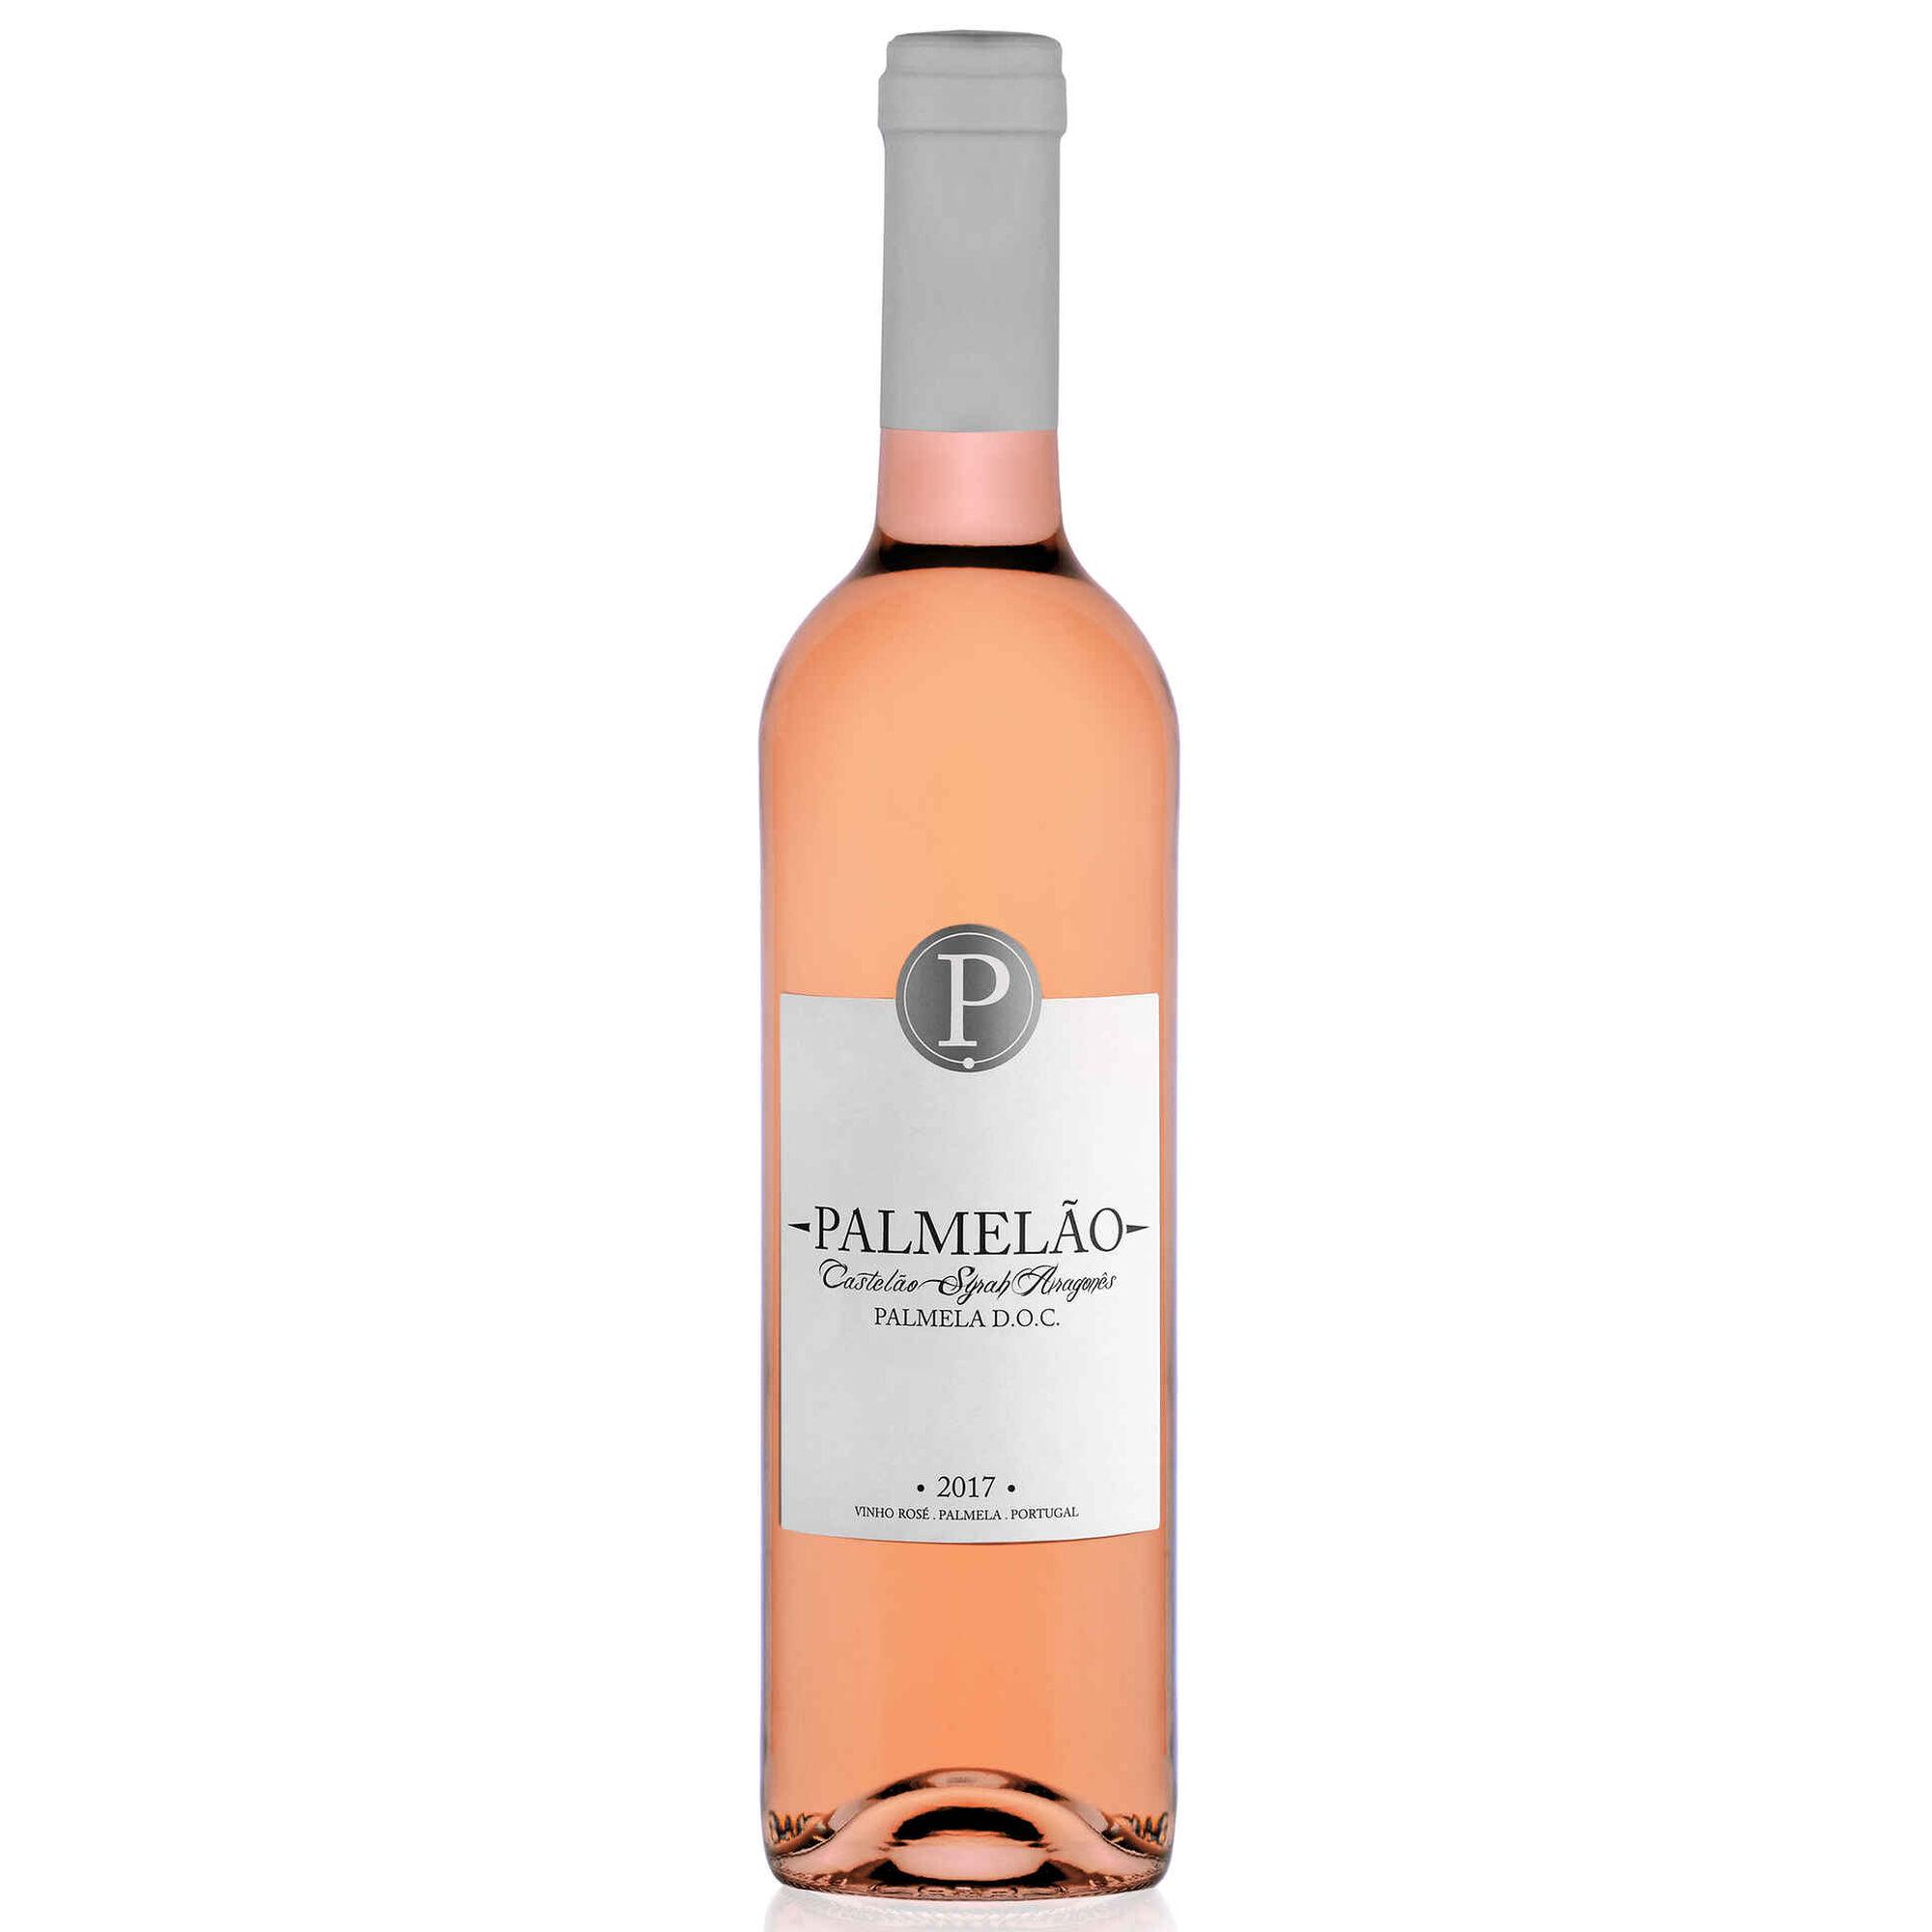 Palmelão DOC Palmela Vinho Rosé